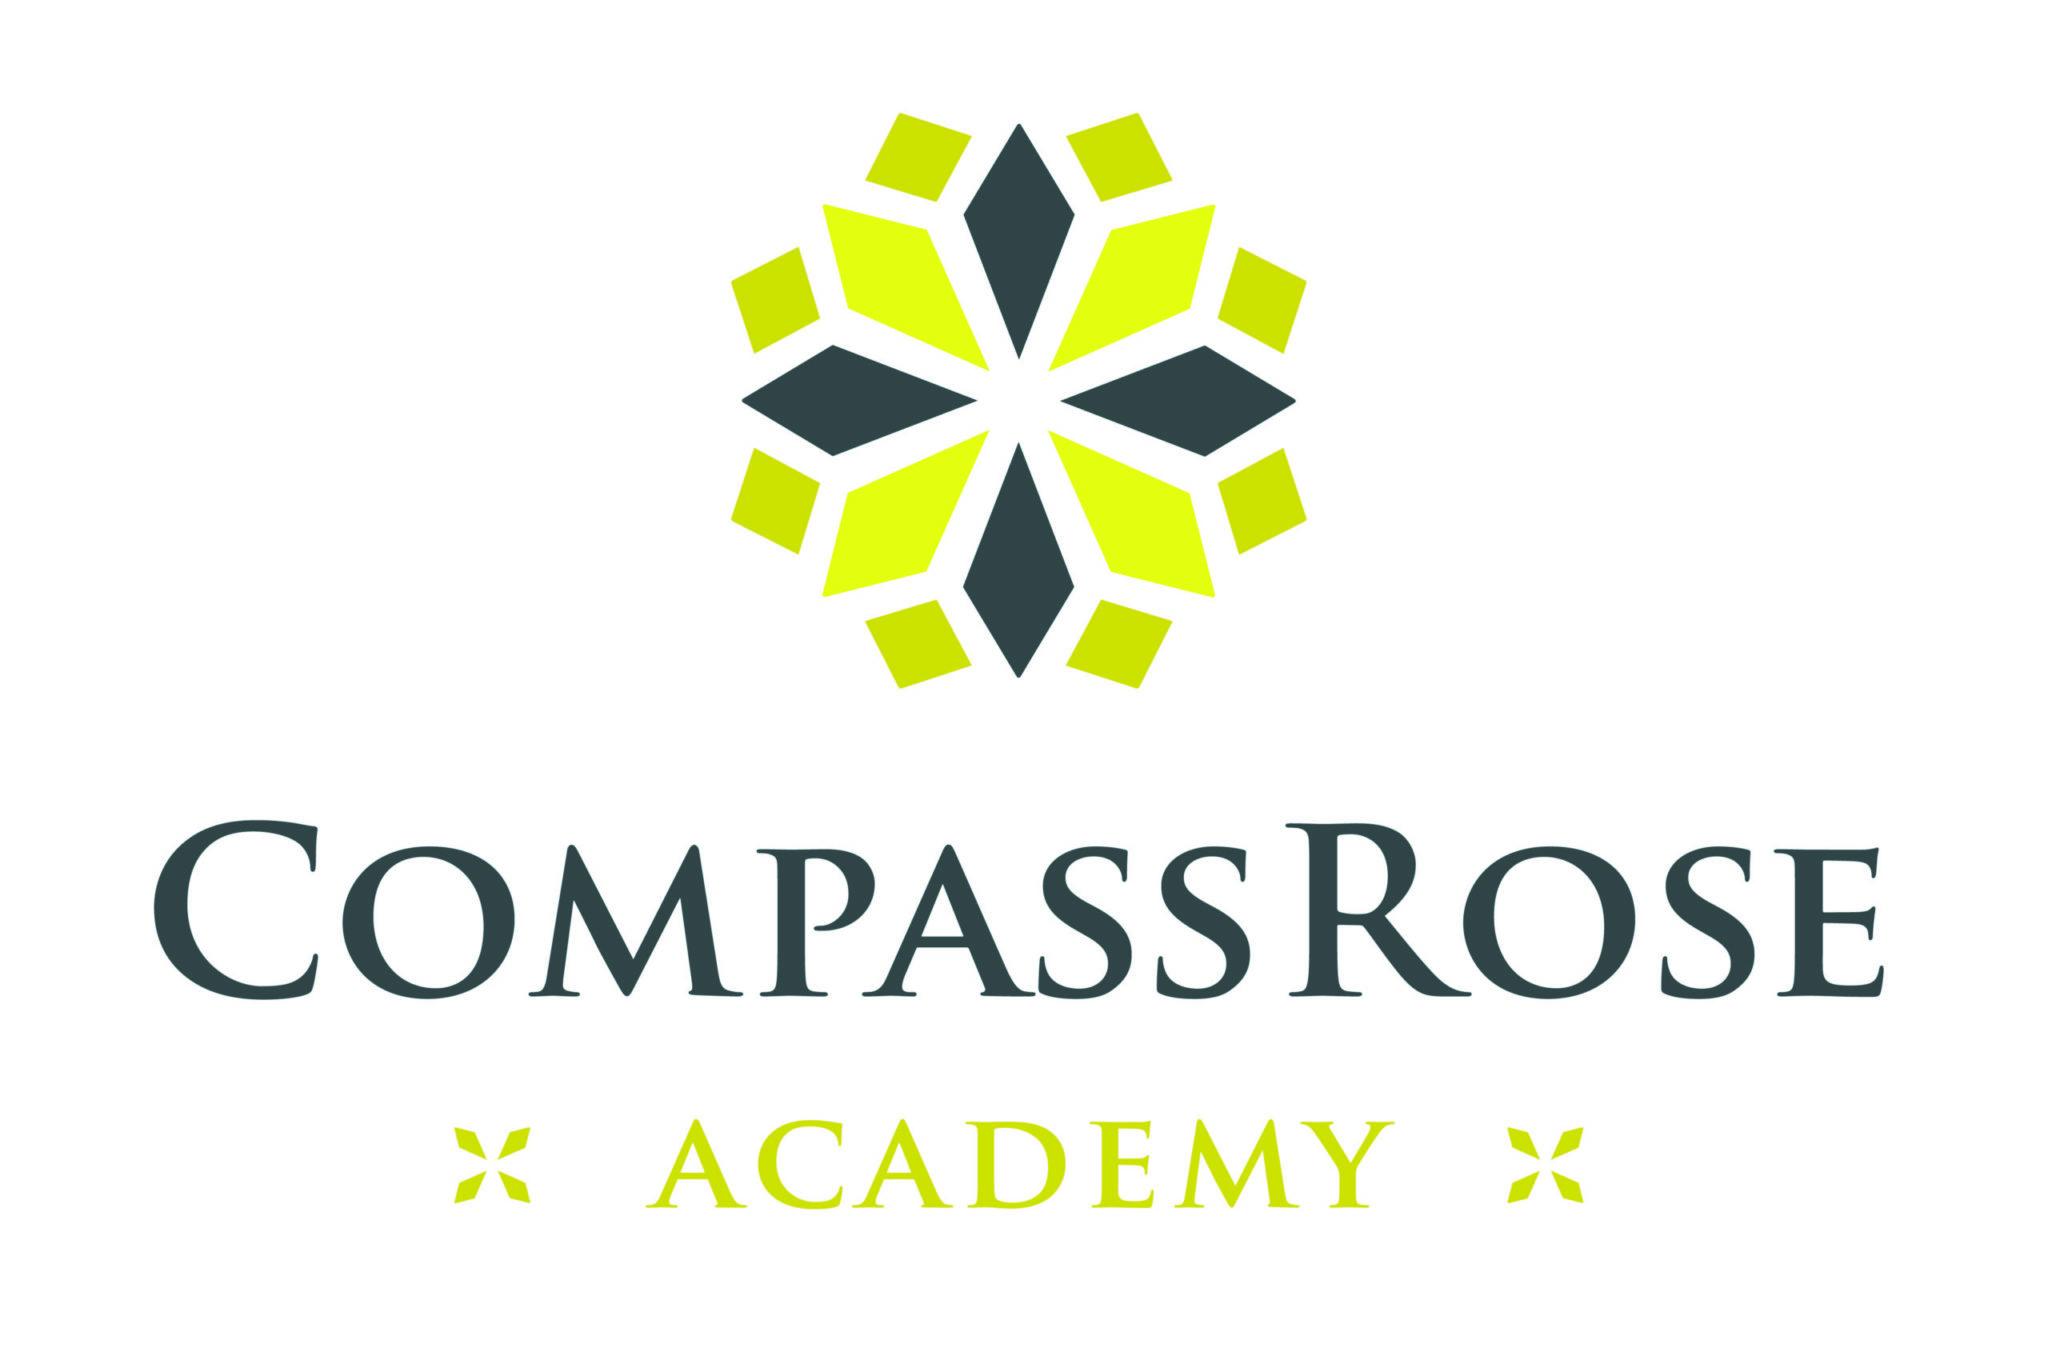 Compassroseacademy Logostacked